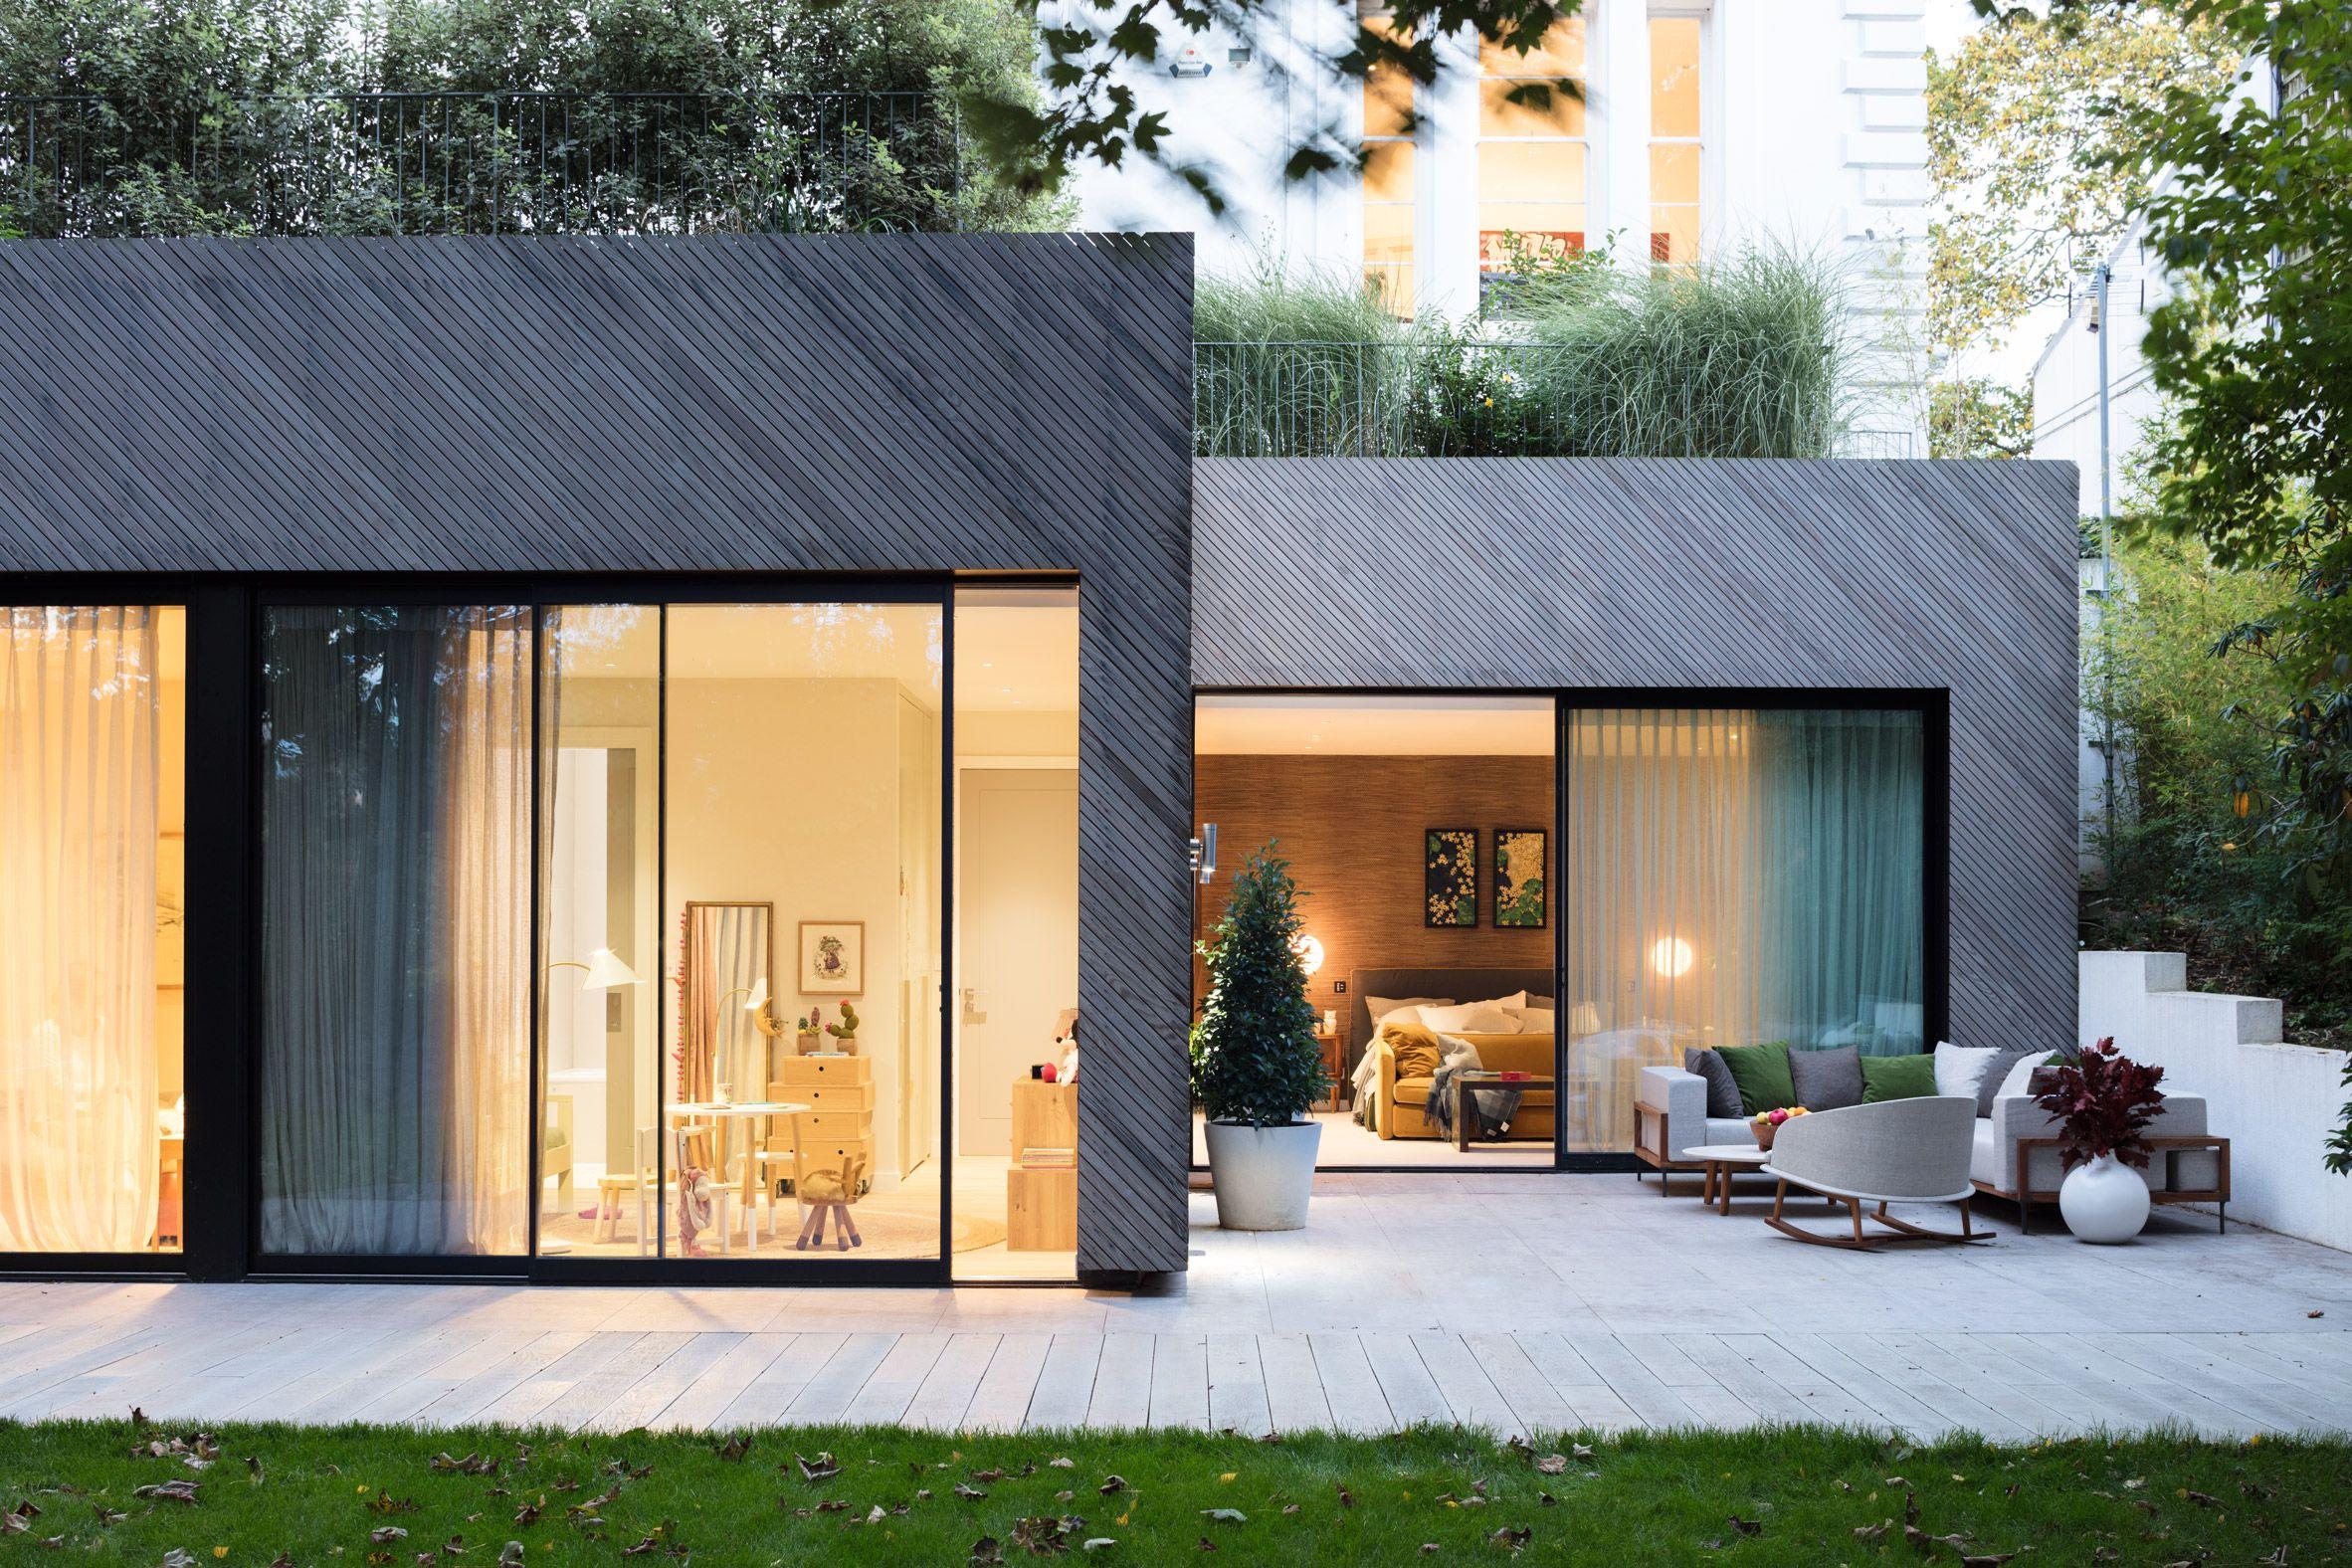 Pin von Voronoi auf Architektur | Pinterest | Moderne häuser ...